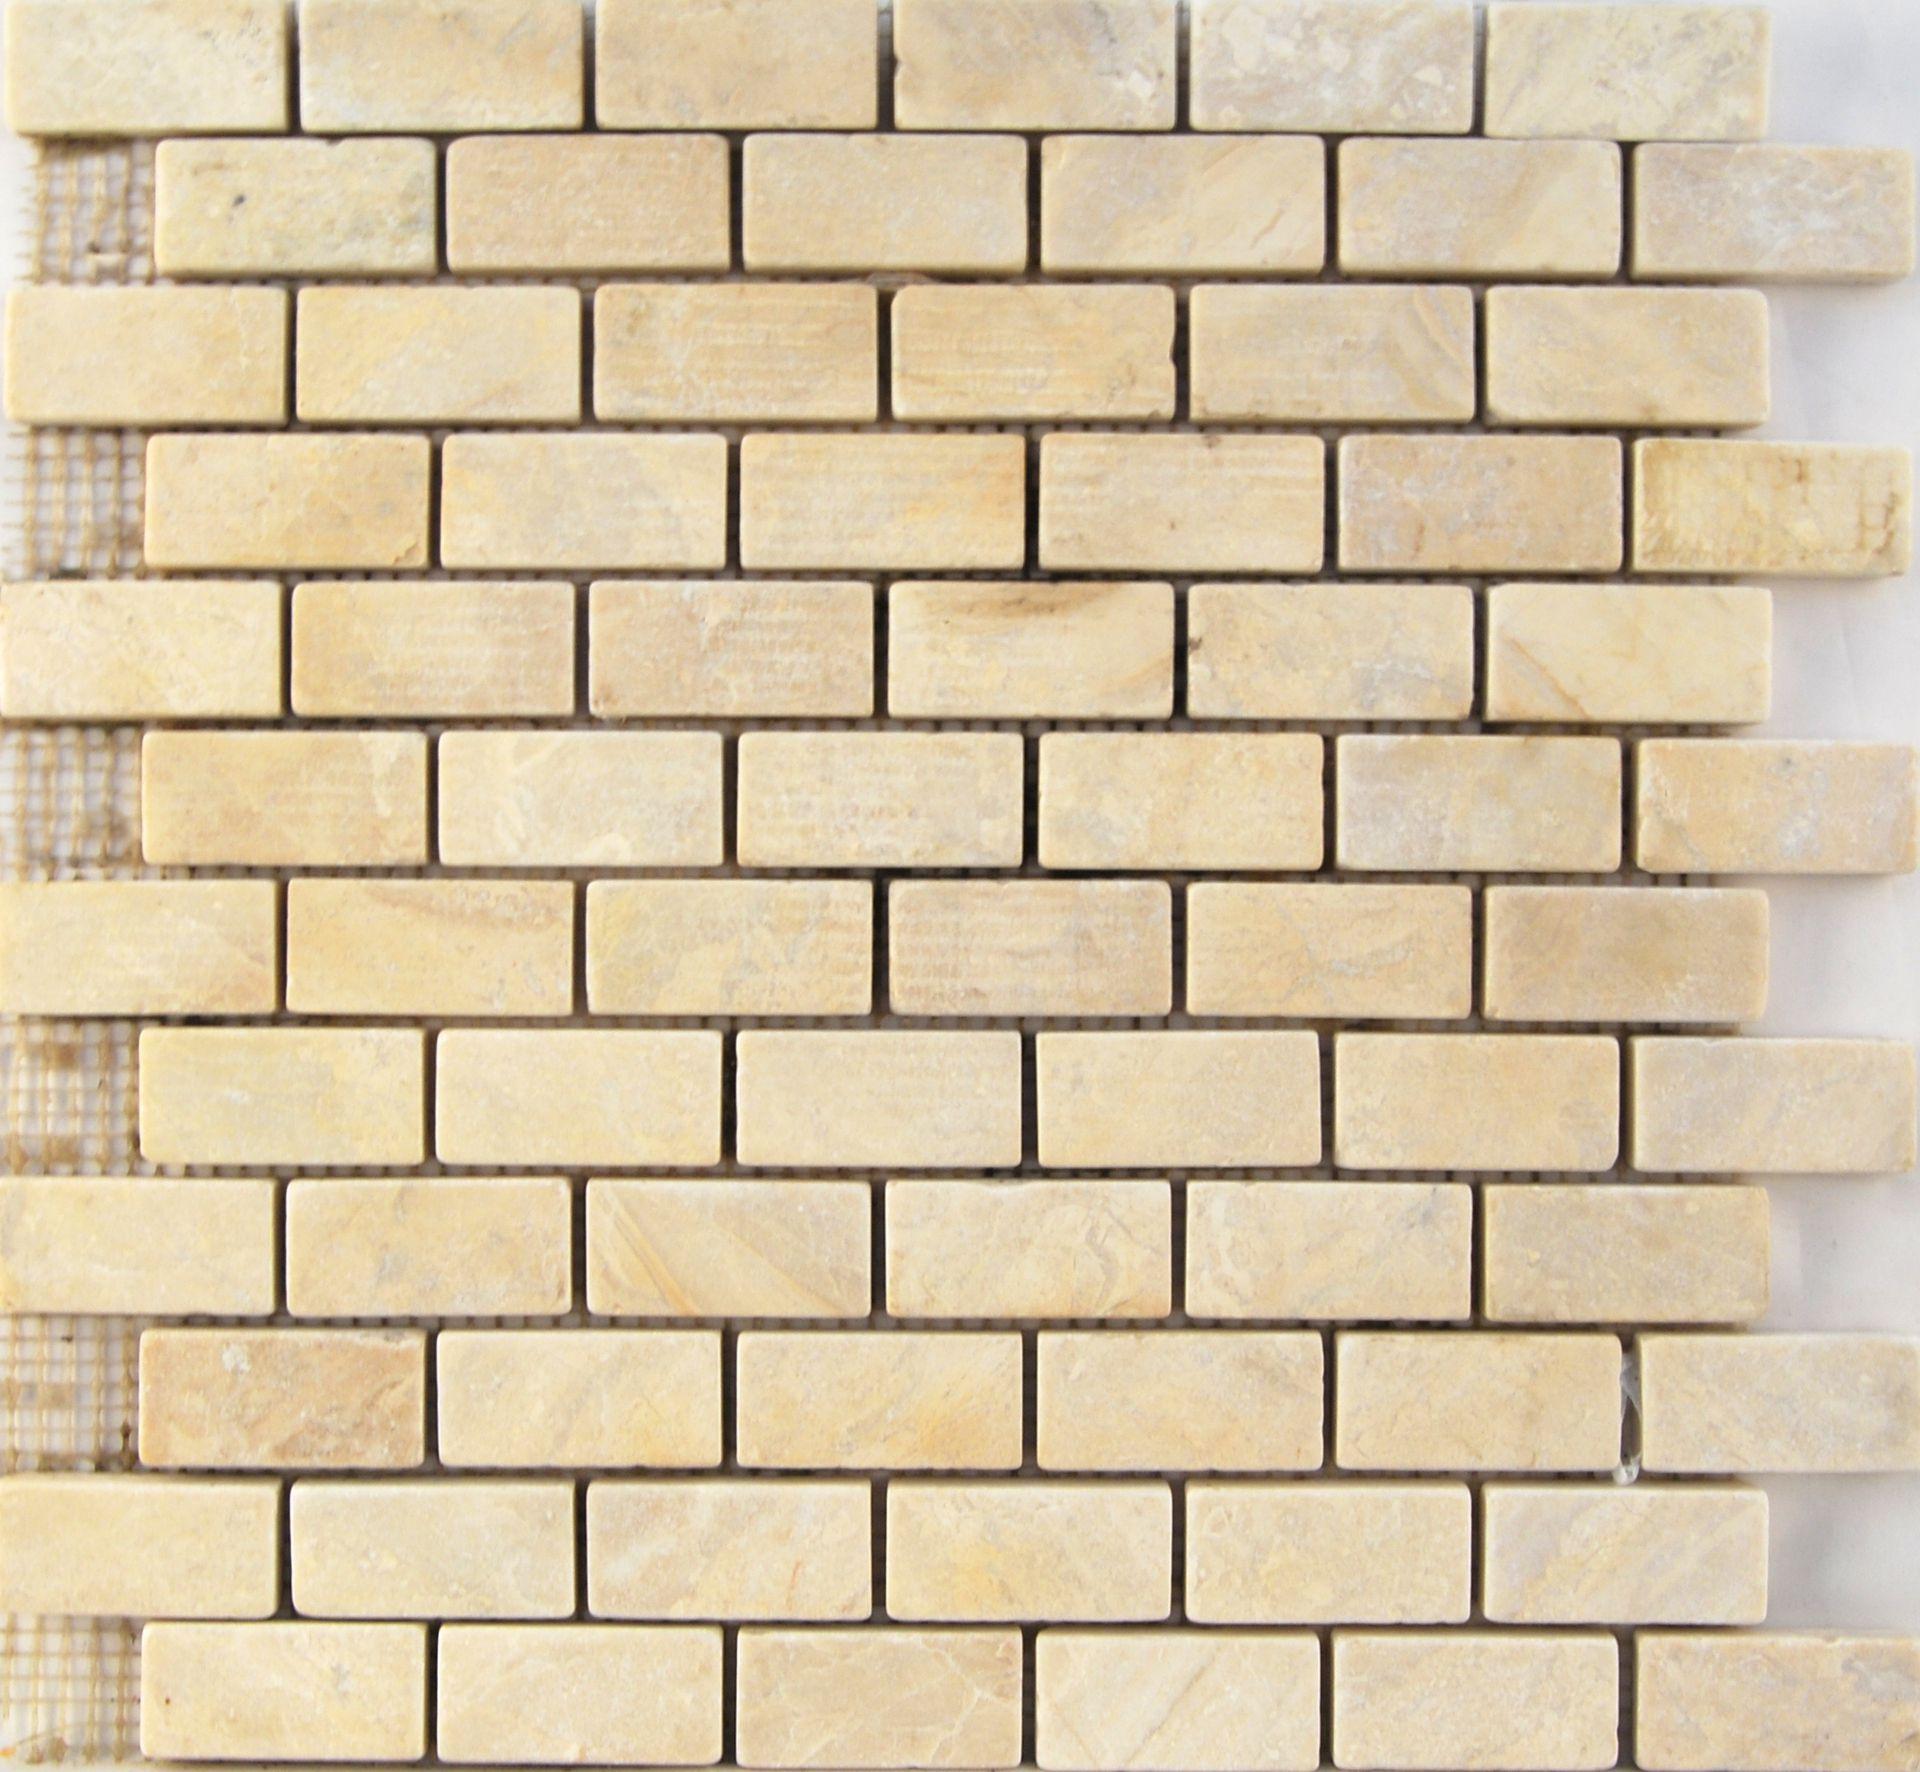 mosaik burdur beige a12997 steinzeit. Black Bedroom Furniture Sets. Home Design Ideas